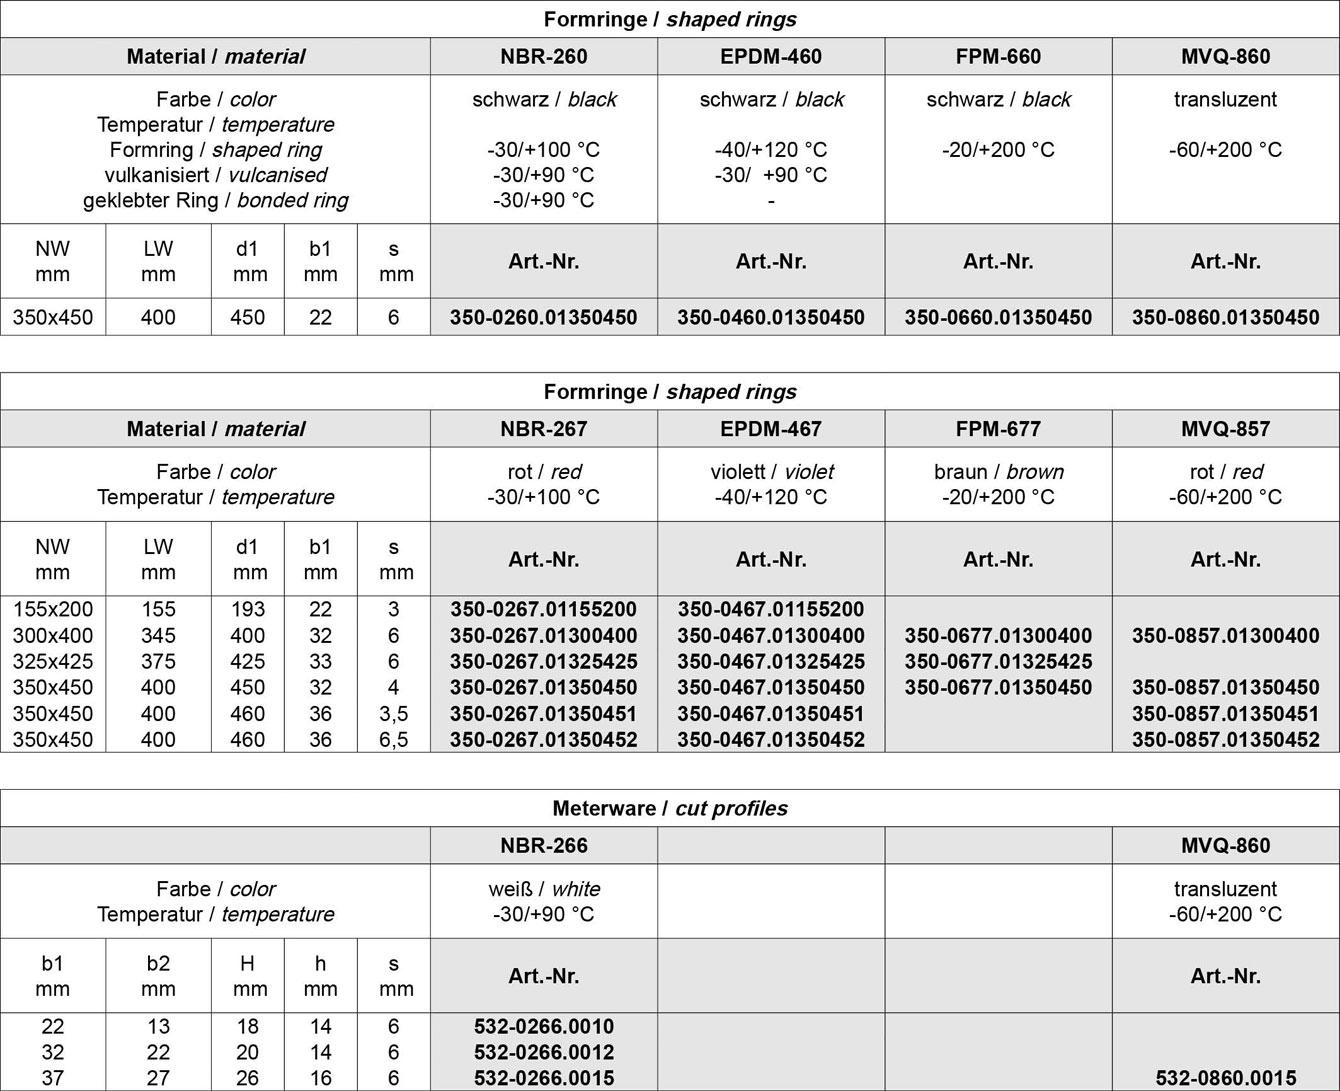 Tabelle DT Dichtungs-Technik GmbH, Dichtungstechnik, DT, Bremen, Schläuche, Armaturen, Dichtungen, Dichtringe, Profile, Rundschnur-Ringe, Rundschnur, Ringe, Rundschnüren, stoßvulkanisiert, vulkanisiert, geklebt, Lebensmittelqualitäten, NBR, MVQ, VQM, Sikikon, FPM, FKM, Schaumsilikon,